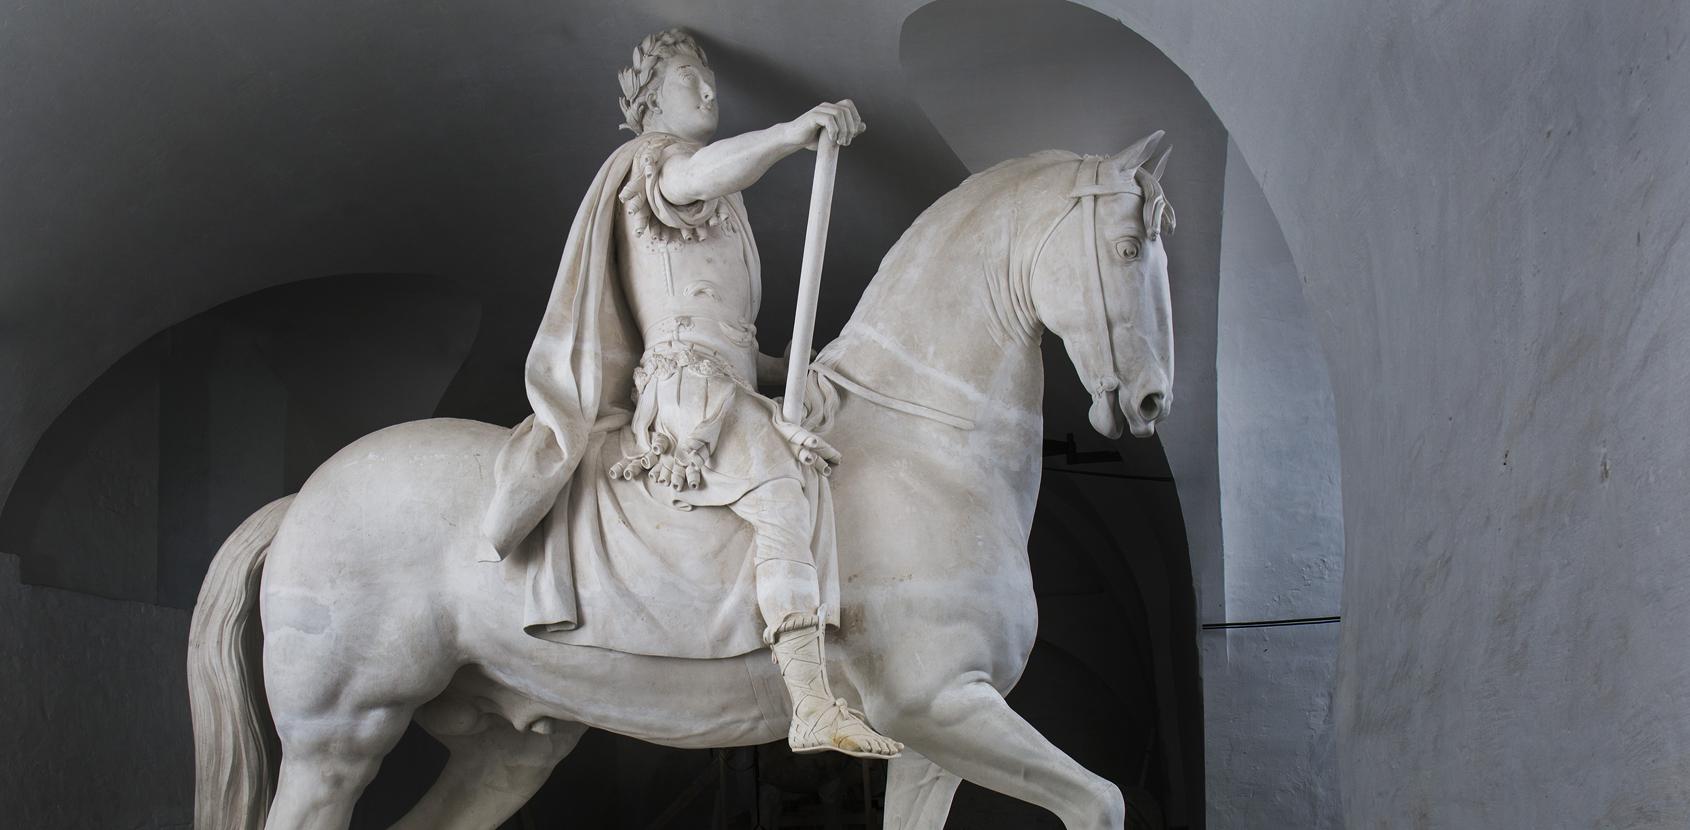 Gipsfiguren af Frederik 5.'s rytterstatue giver besøgende mulighed for at studere den prægtige hest og rytter på nært hold. Den er meget større, end man tror. Foto: Styrelsen for Slotte og Kulturejendomme